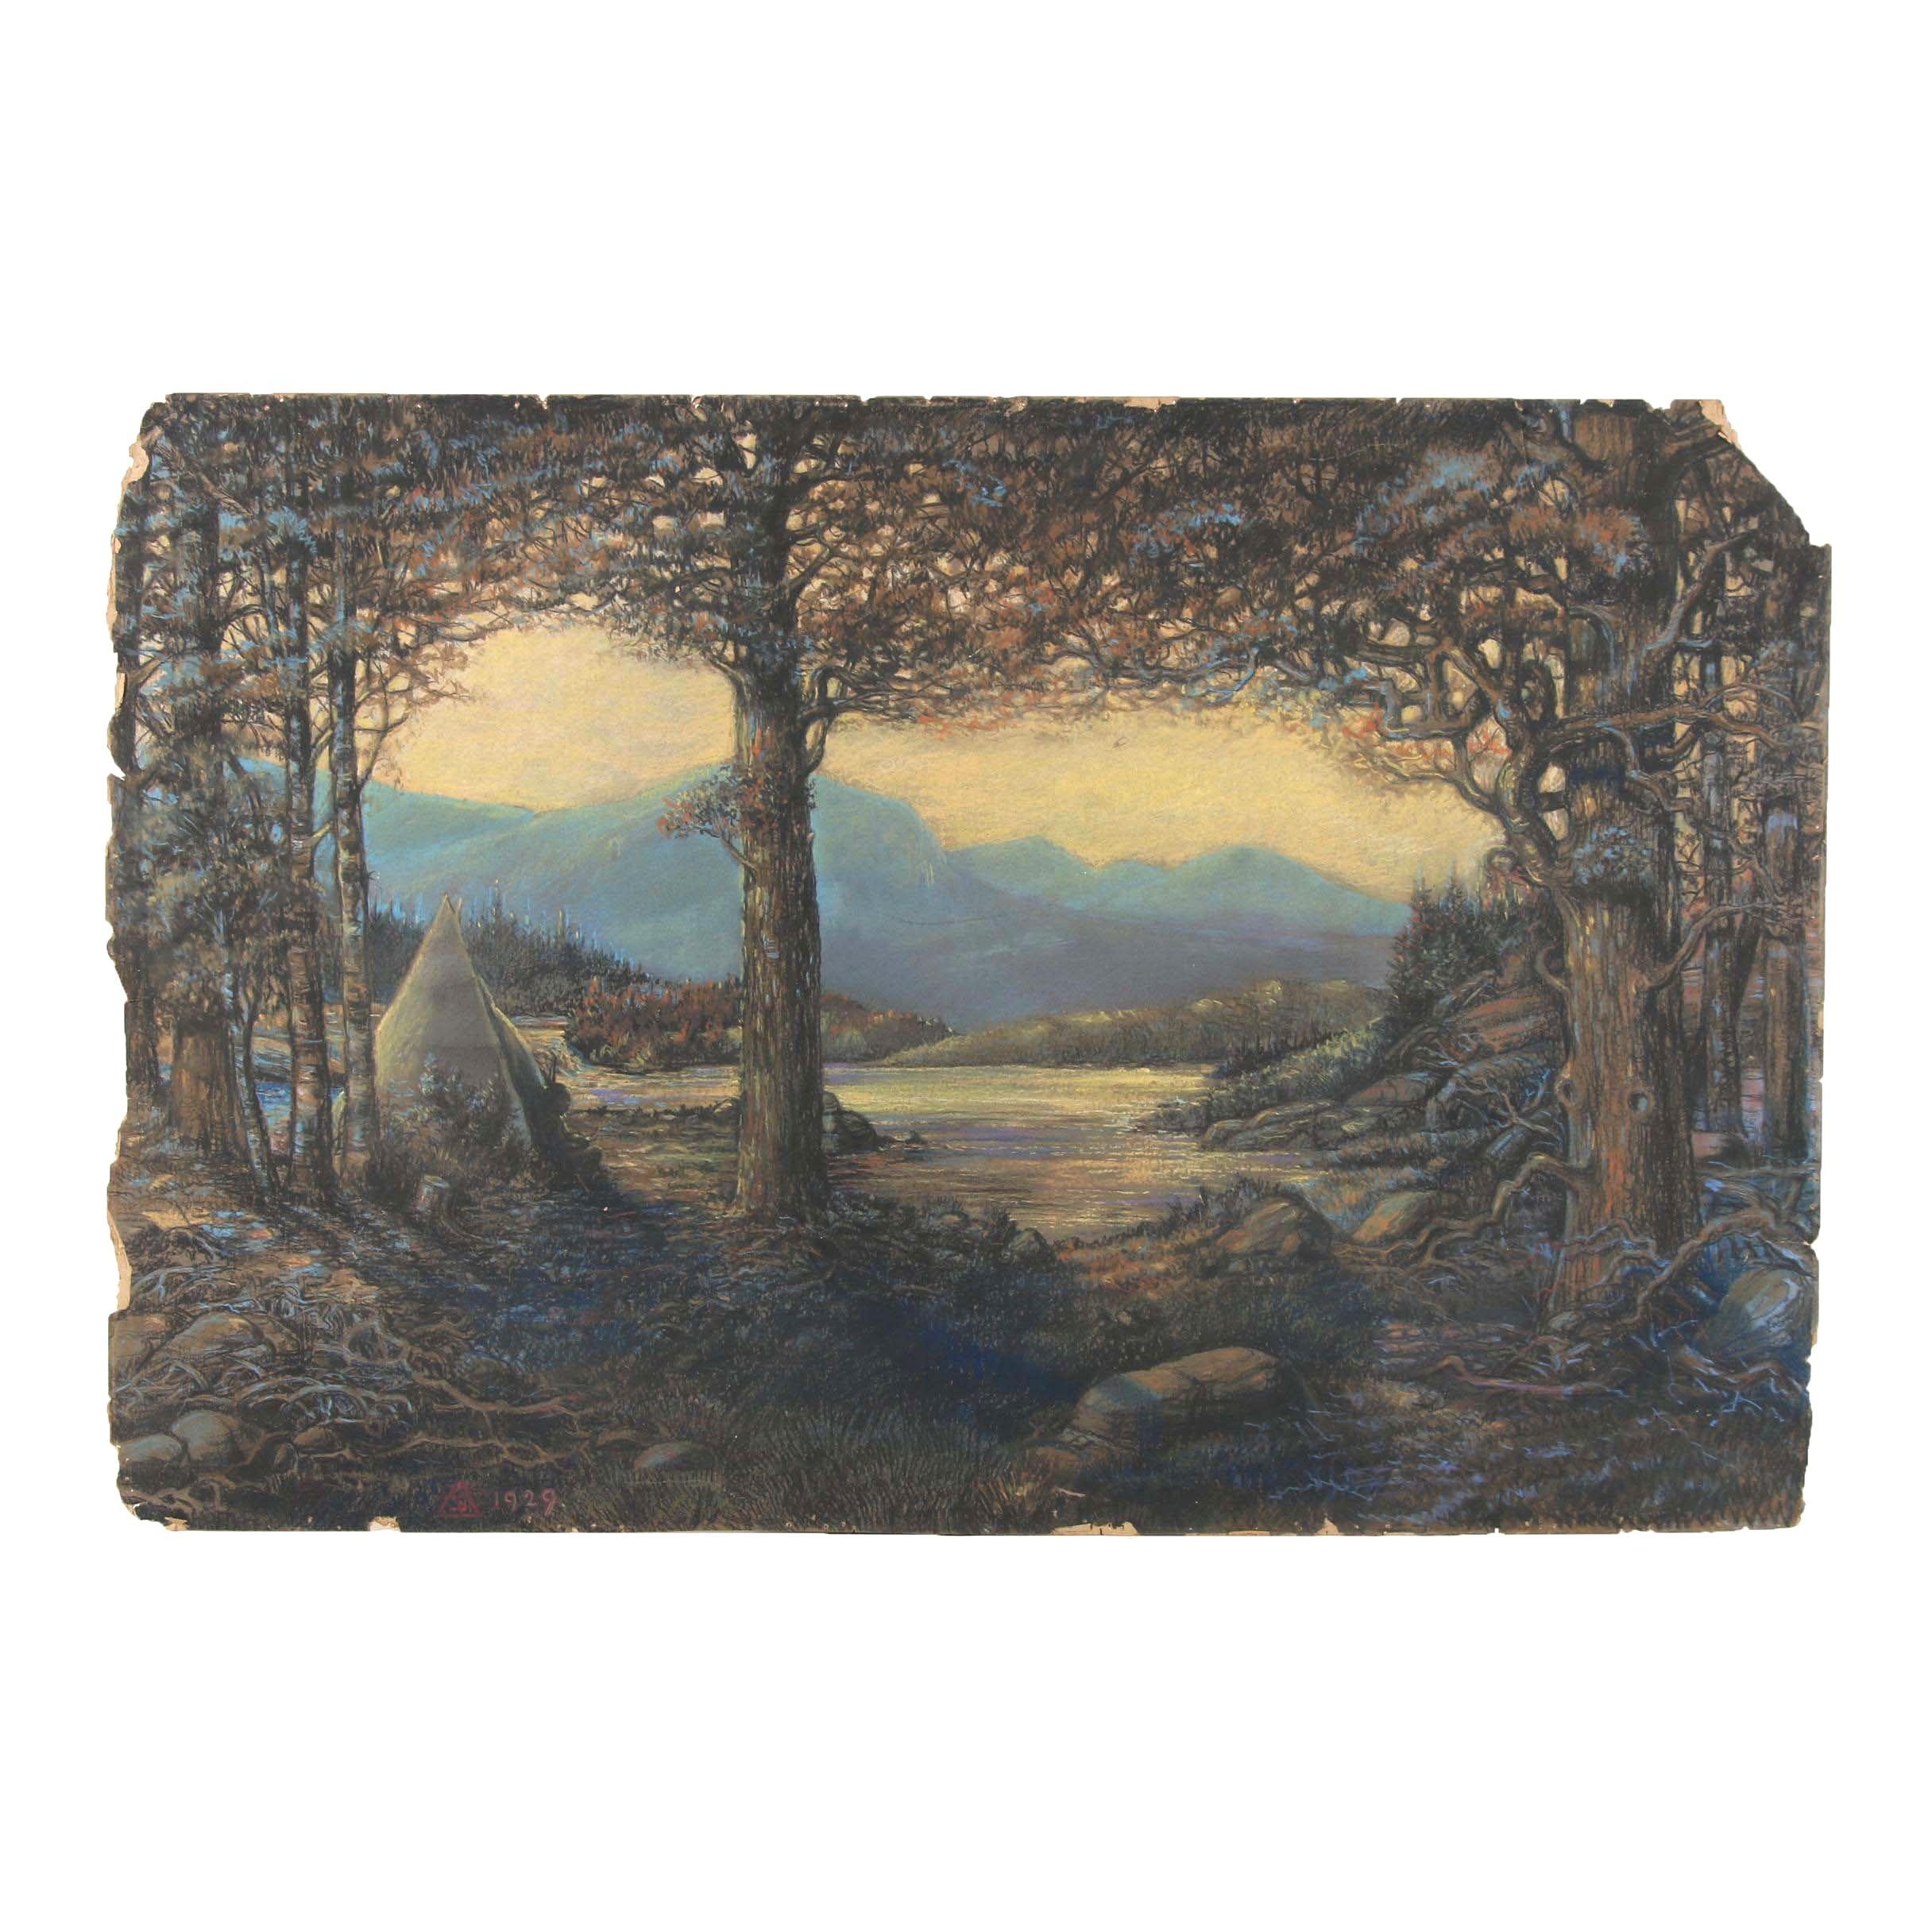 1929 Pastel Illustration of Western Landscape